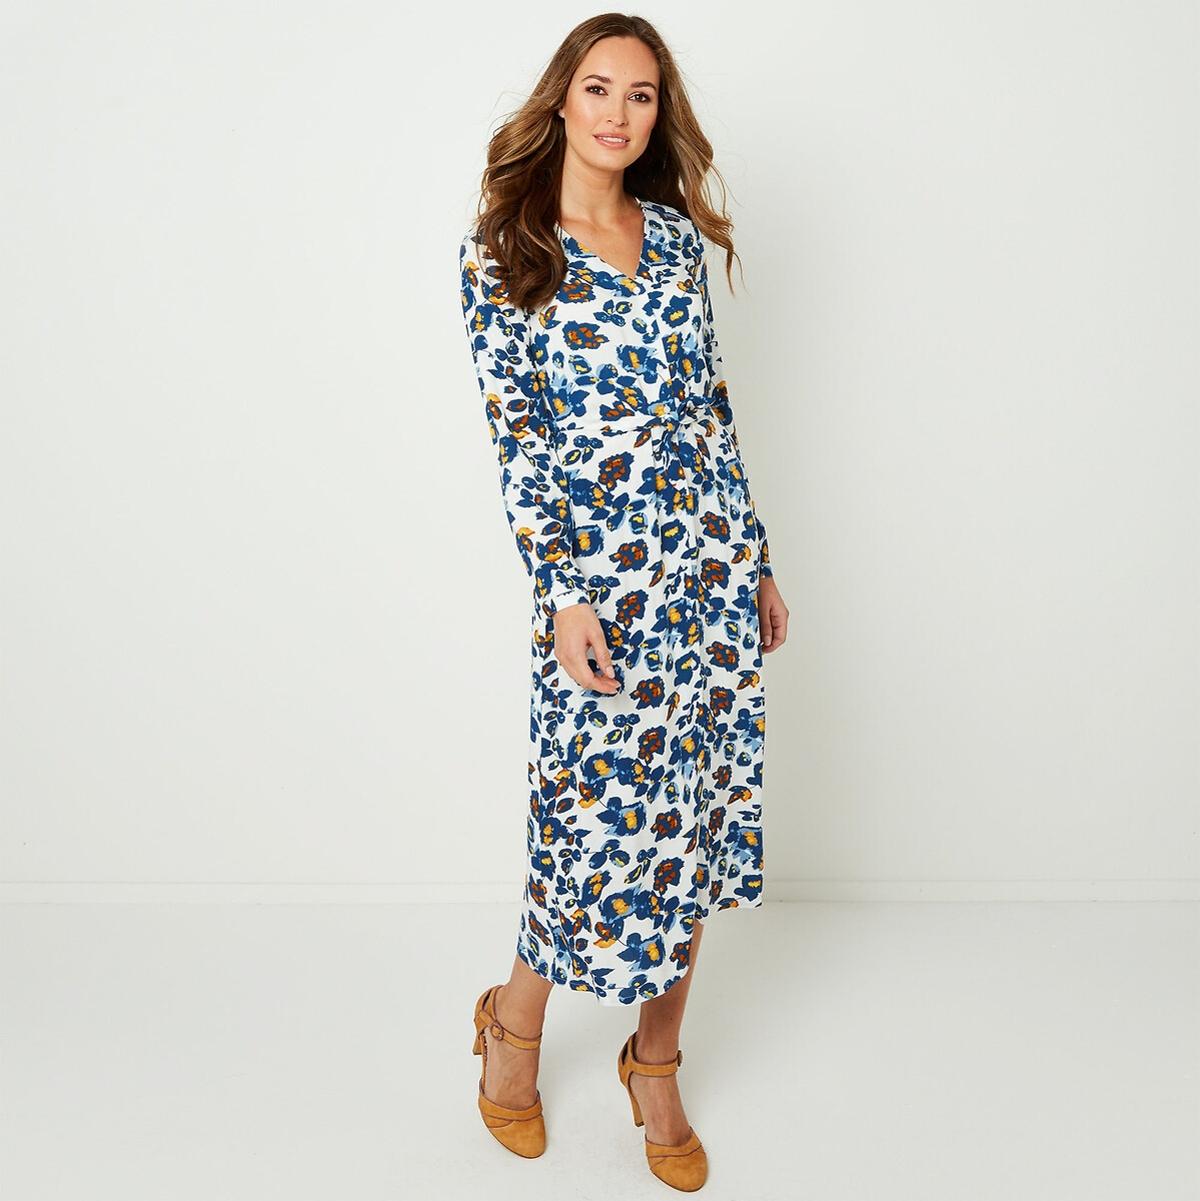 Платье-миди La Redoute С цветочным рисунком длинными рукавами и V-образным вырезом 36 (FR) - 42 (RUS) белый блузка la redoute с цветочным принтом и v образным вырезом 42 fr 48 rus красный